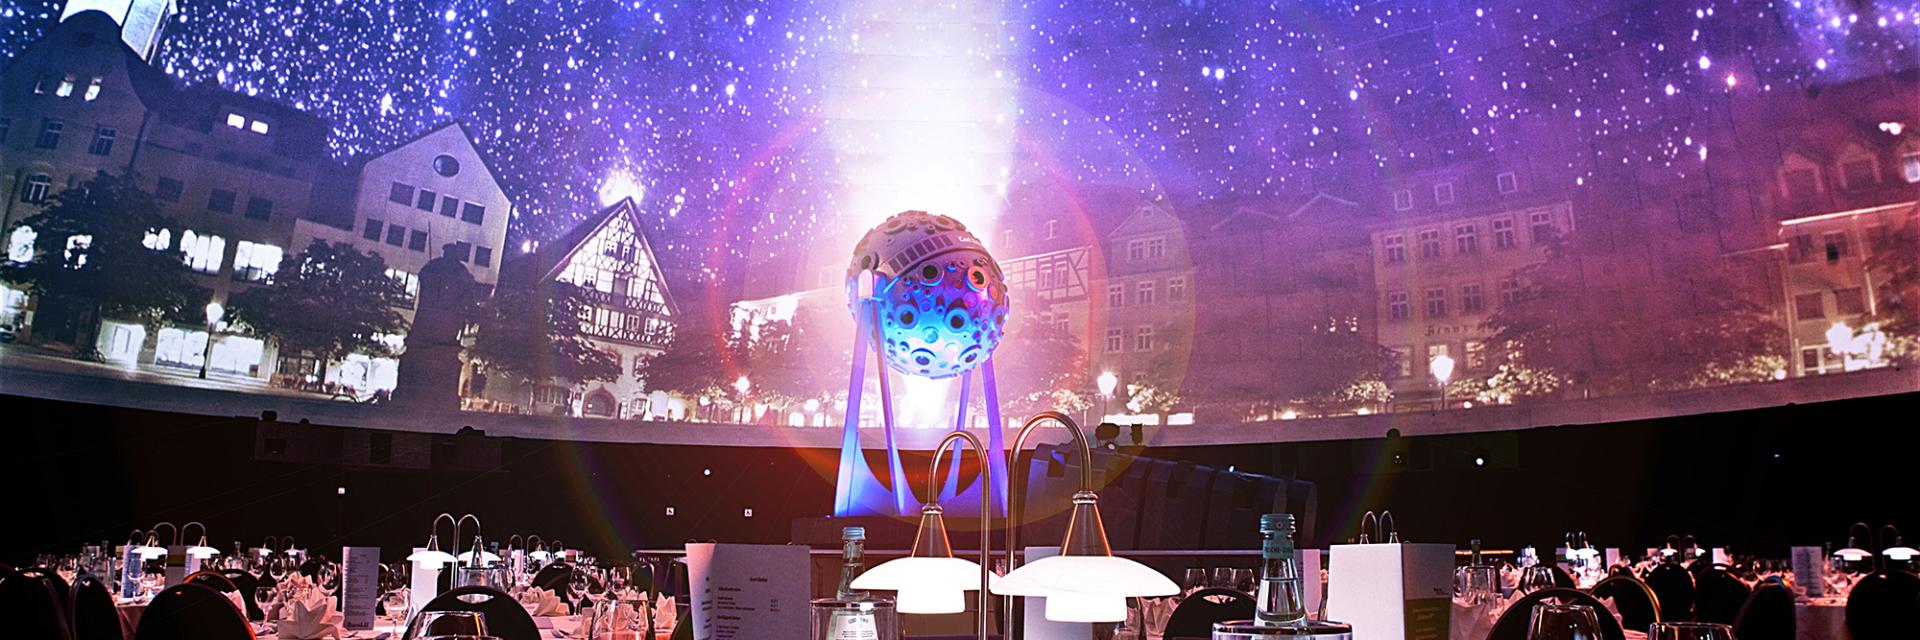 Tischgedeck mit Carl Zeiss Projektor im Hintergrund unter der sternenerleuchteten Kuppel